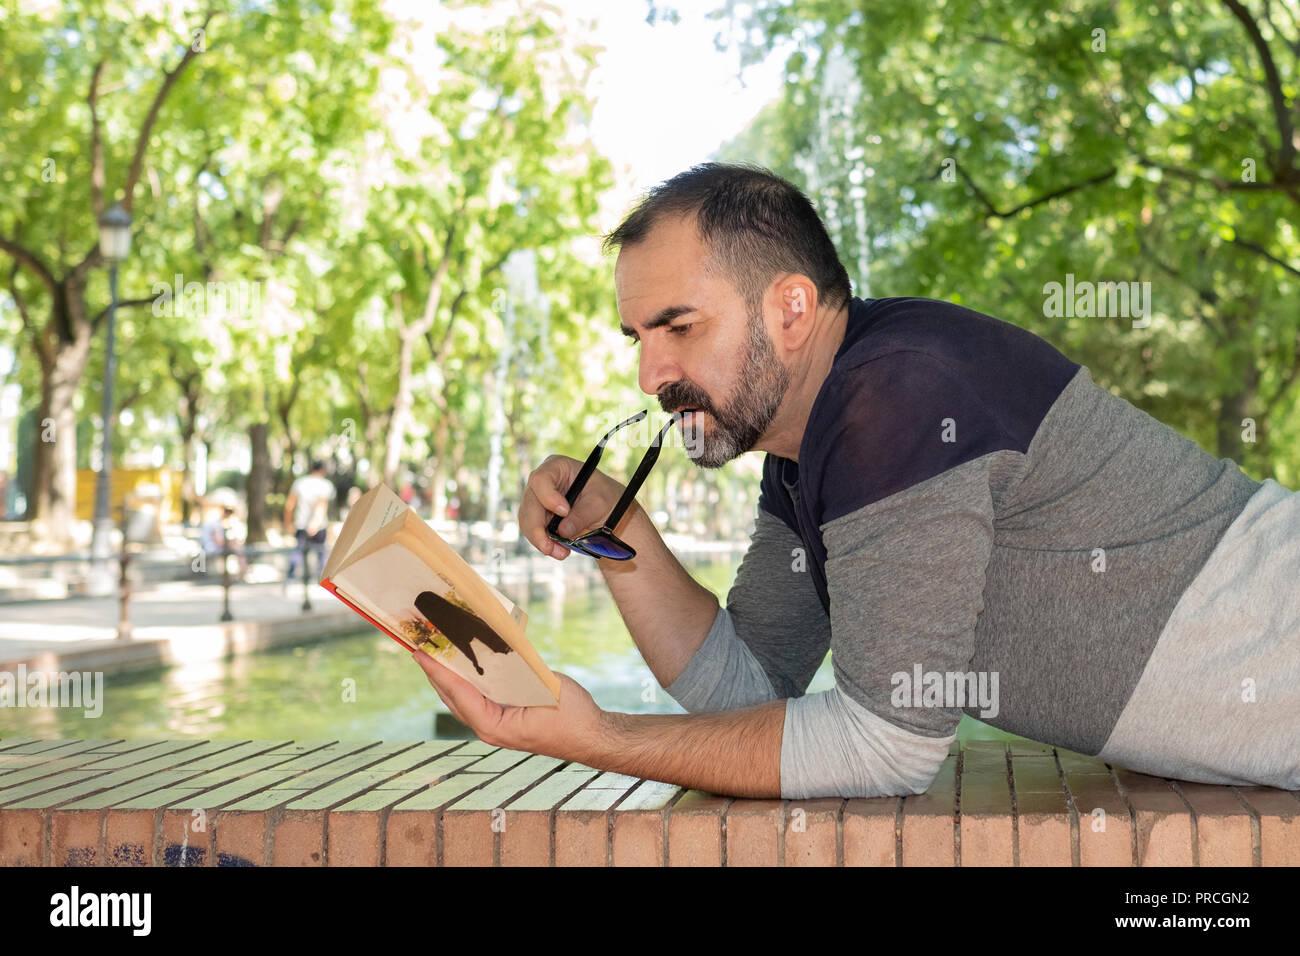 Hombre tumbado en un parque leyendo un libro Imagen De Stock